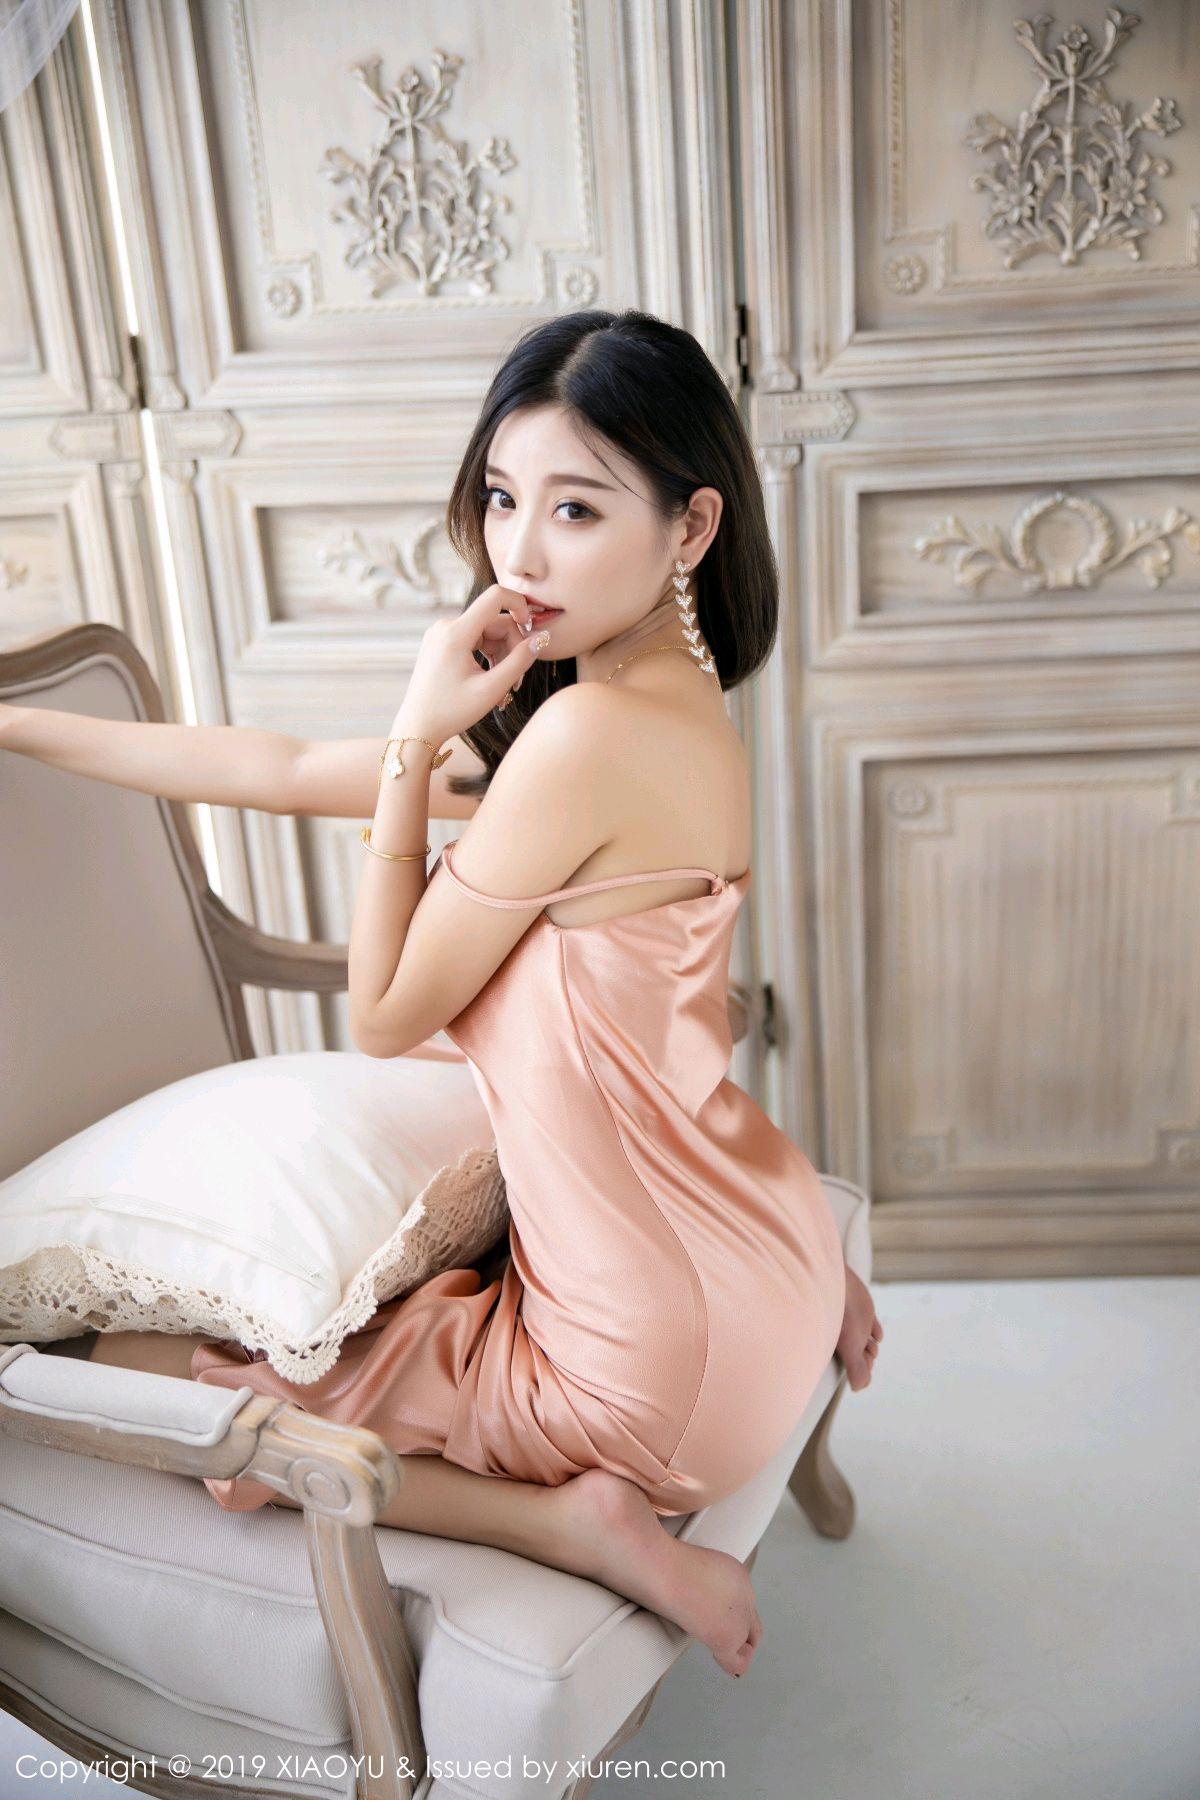 [XiaoYu] Vol.143 Yang Chen Chen 13P, Underwear, XiaoYu, Yang Chen Chen